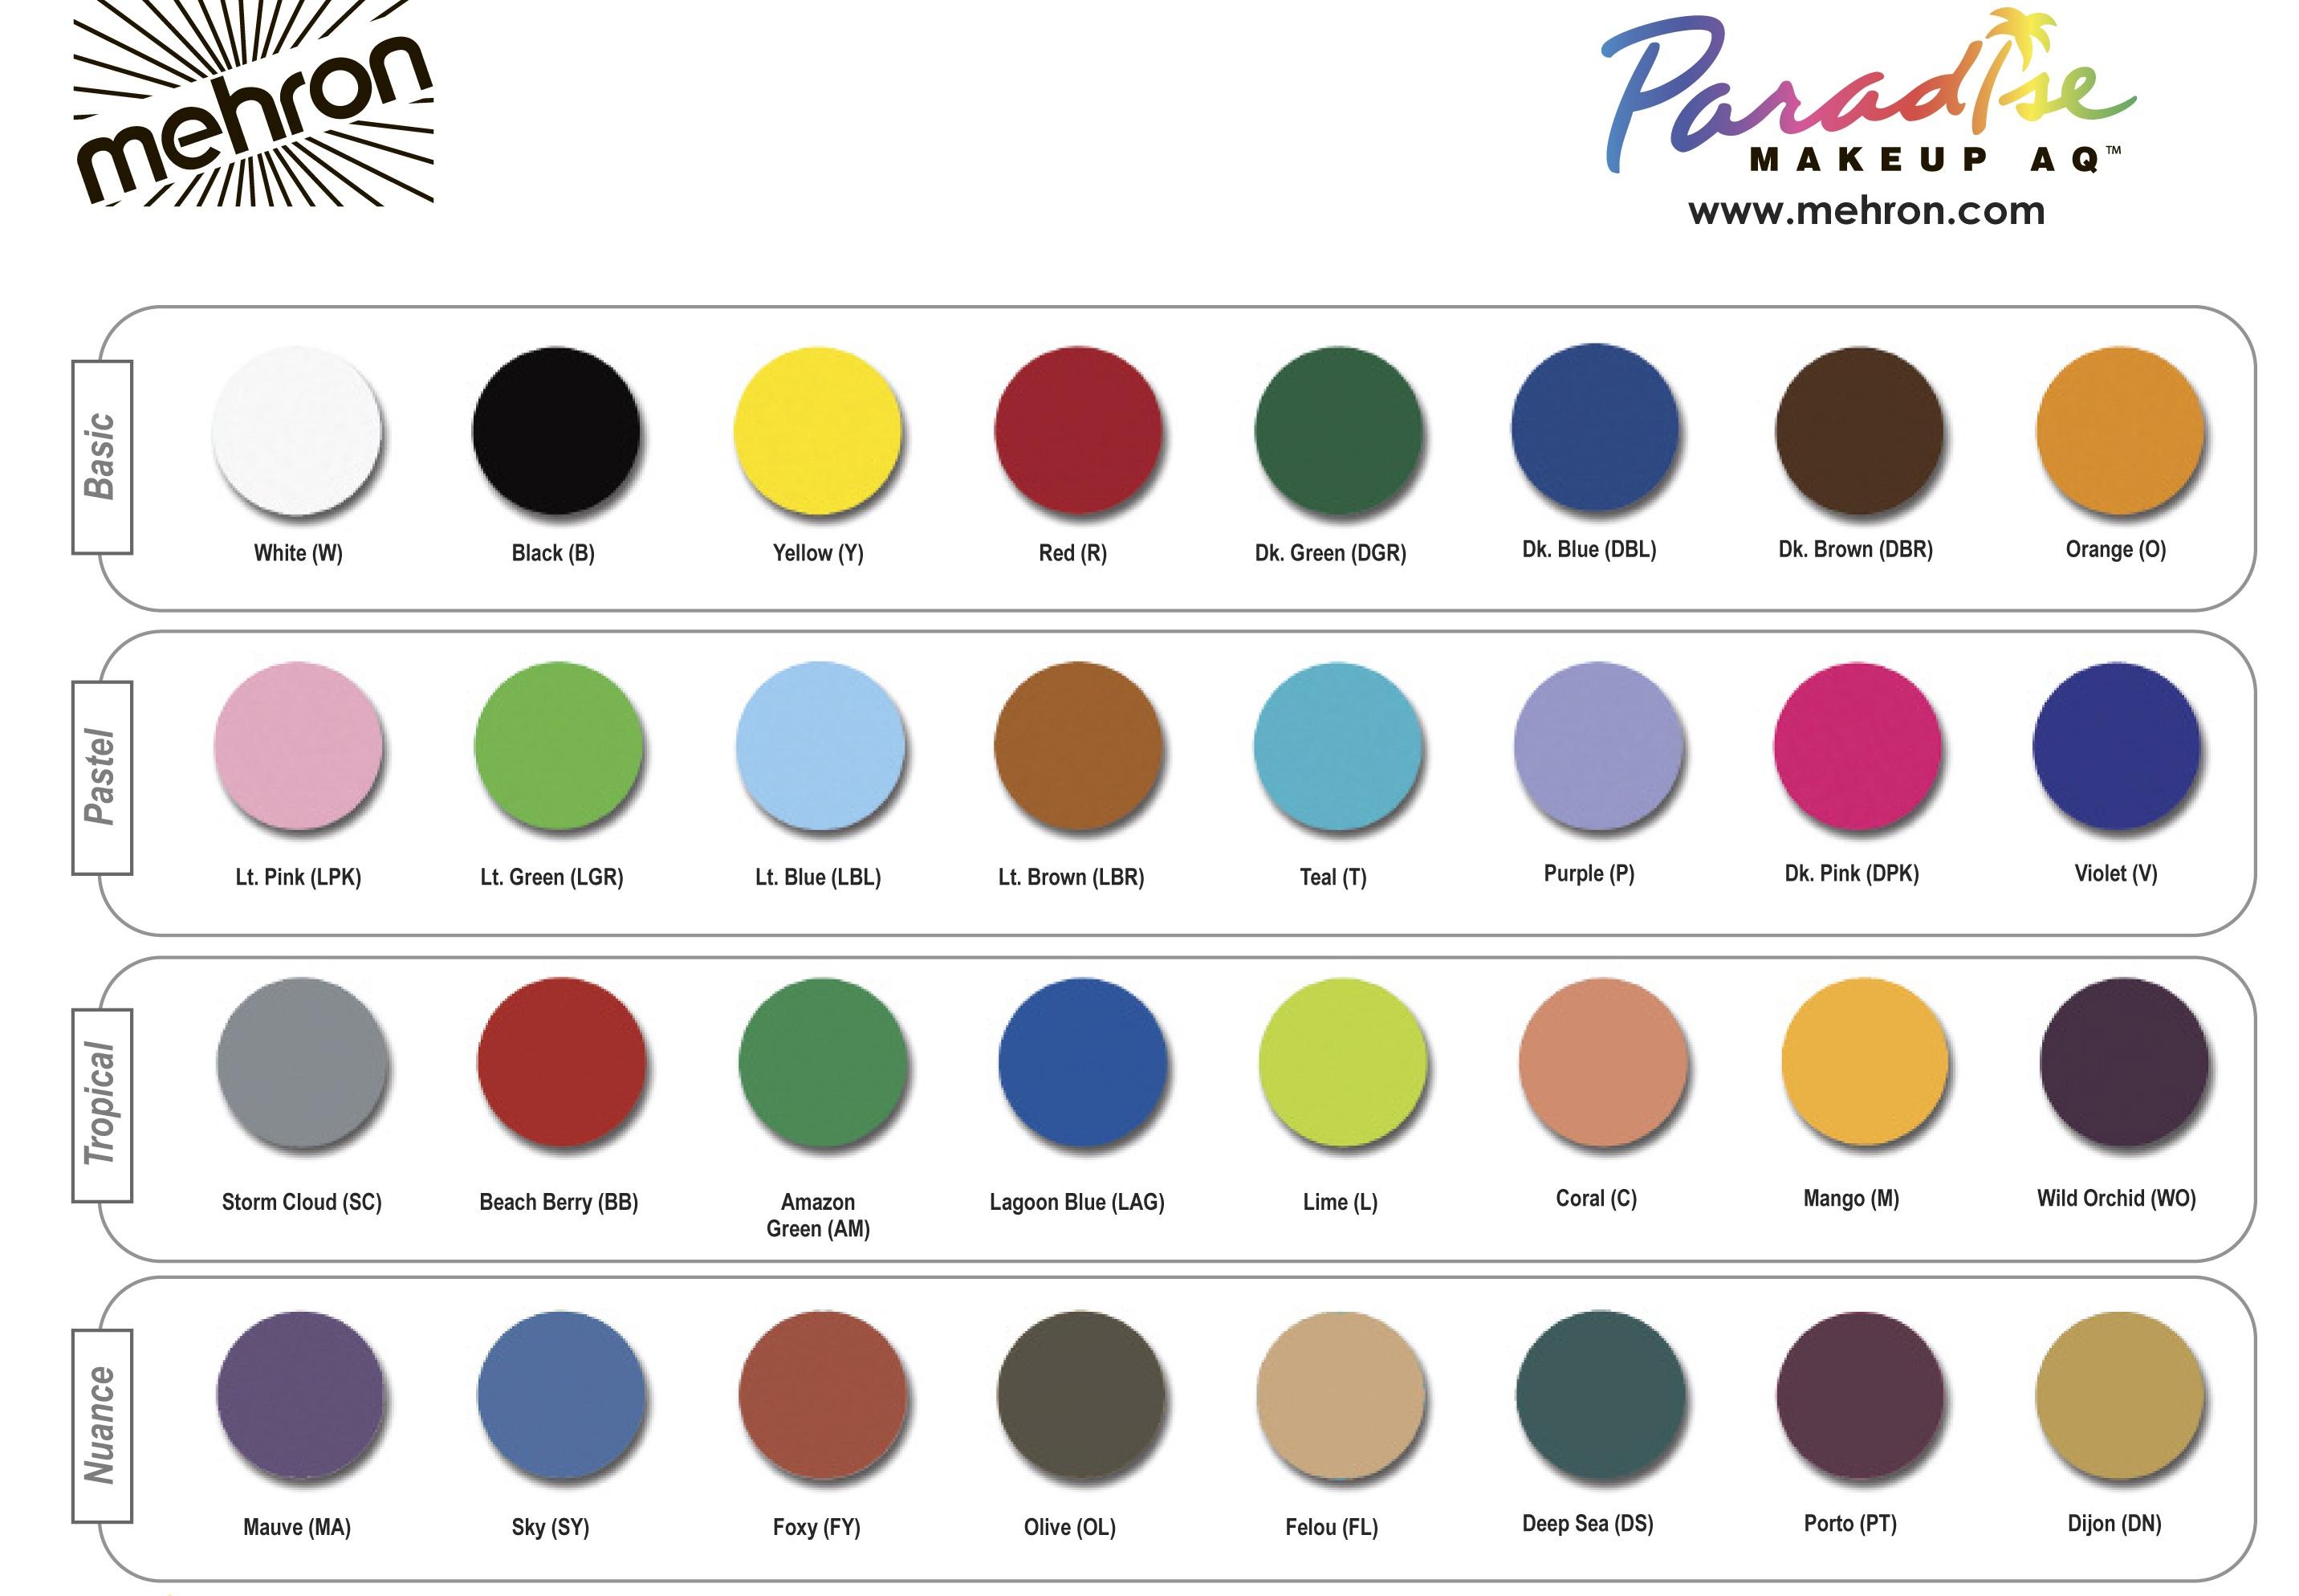 800_ParadiseAQ_Colors.jpg